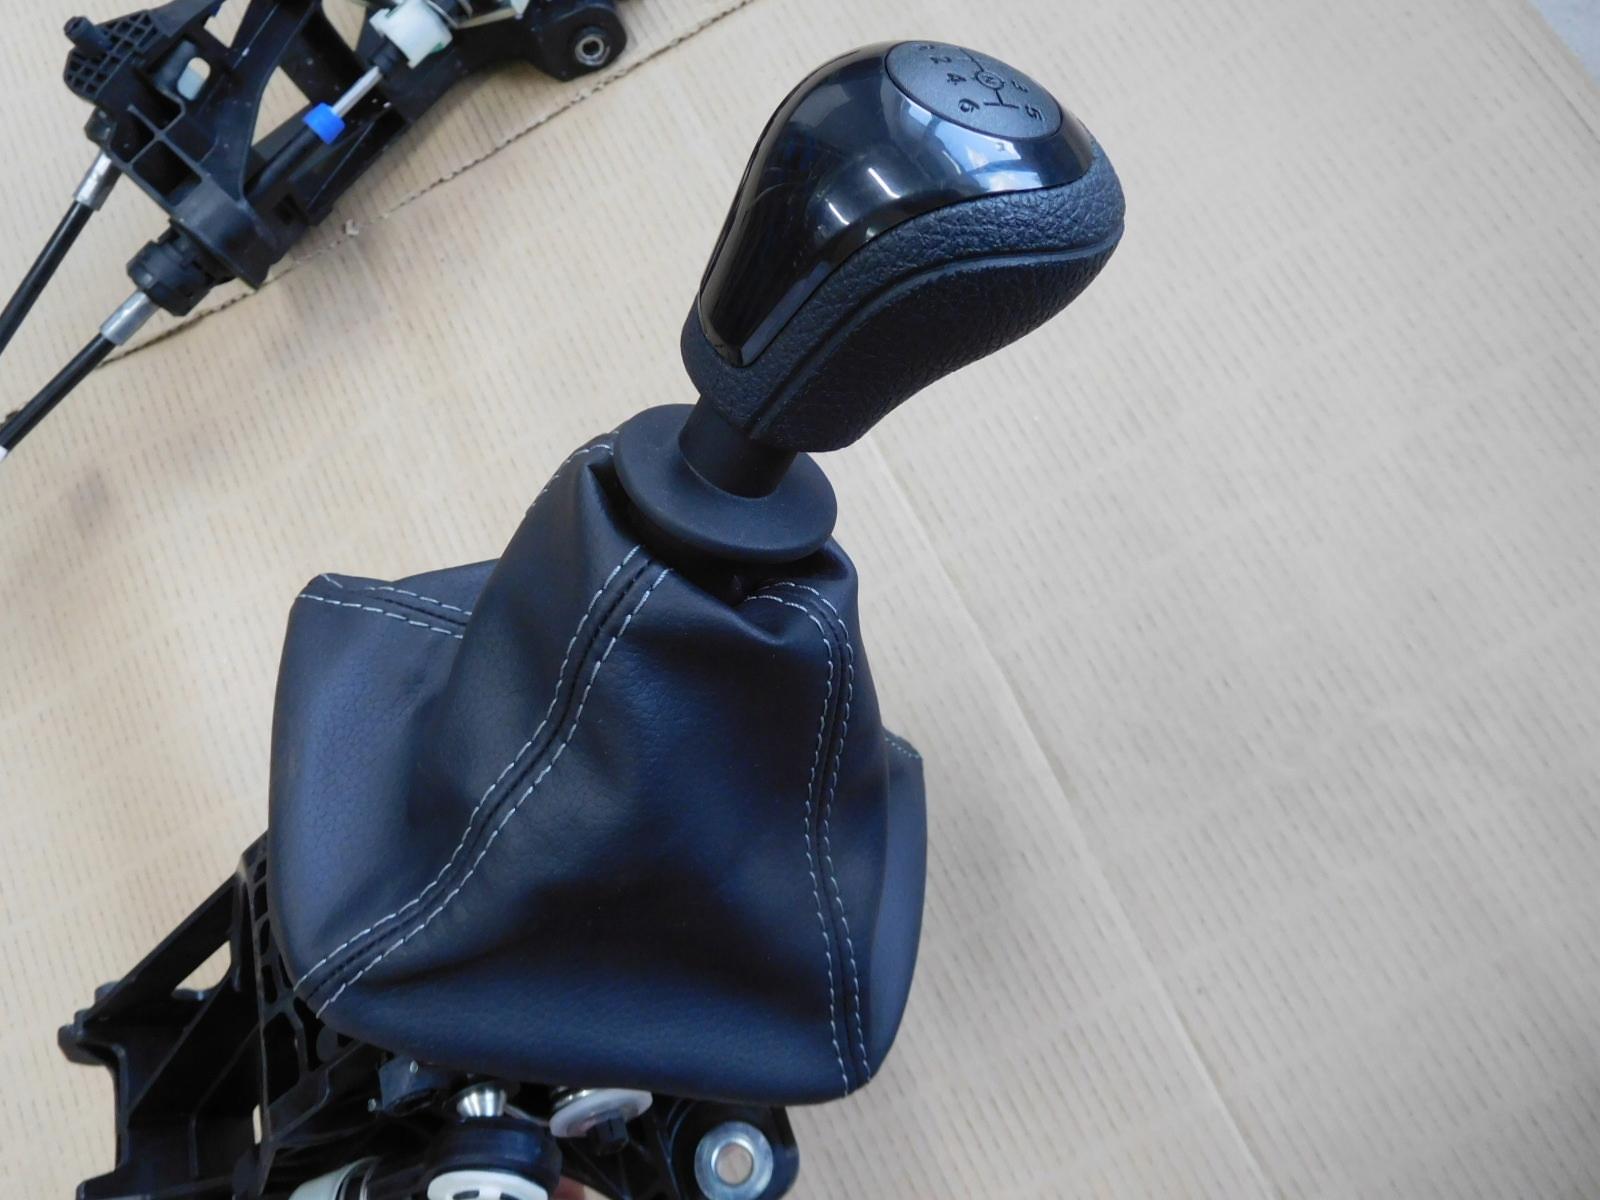 домкрат изменения передач sprinter 907 910 новый модель